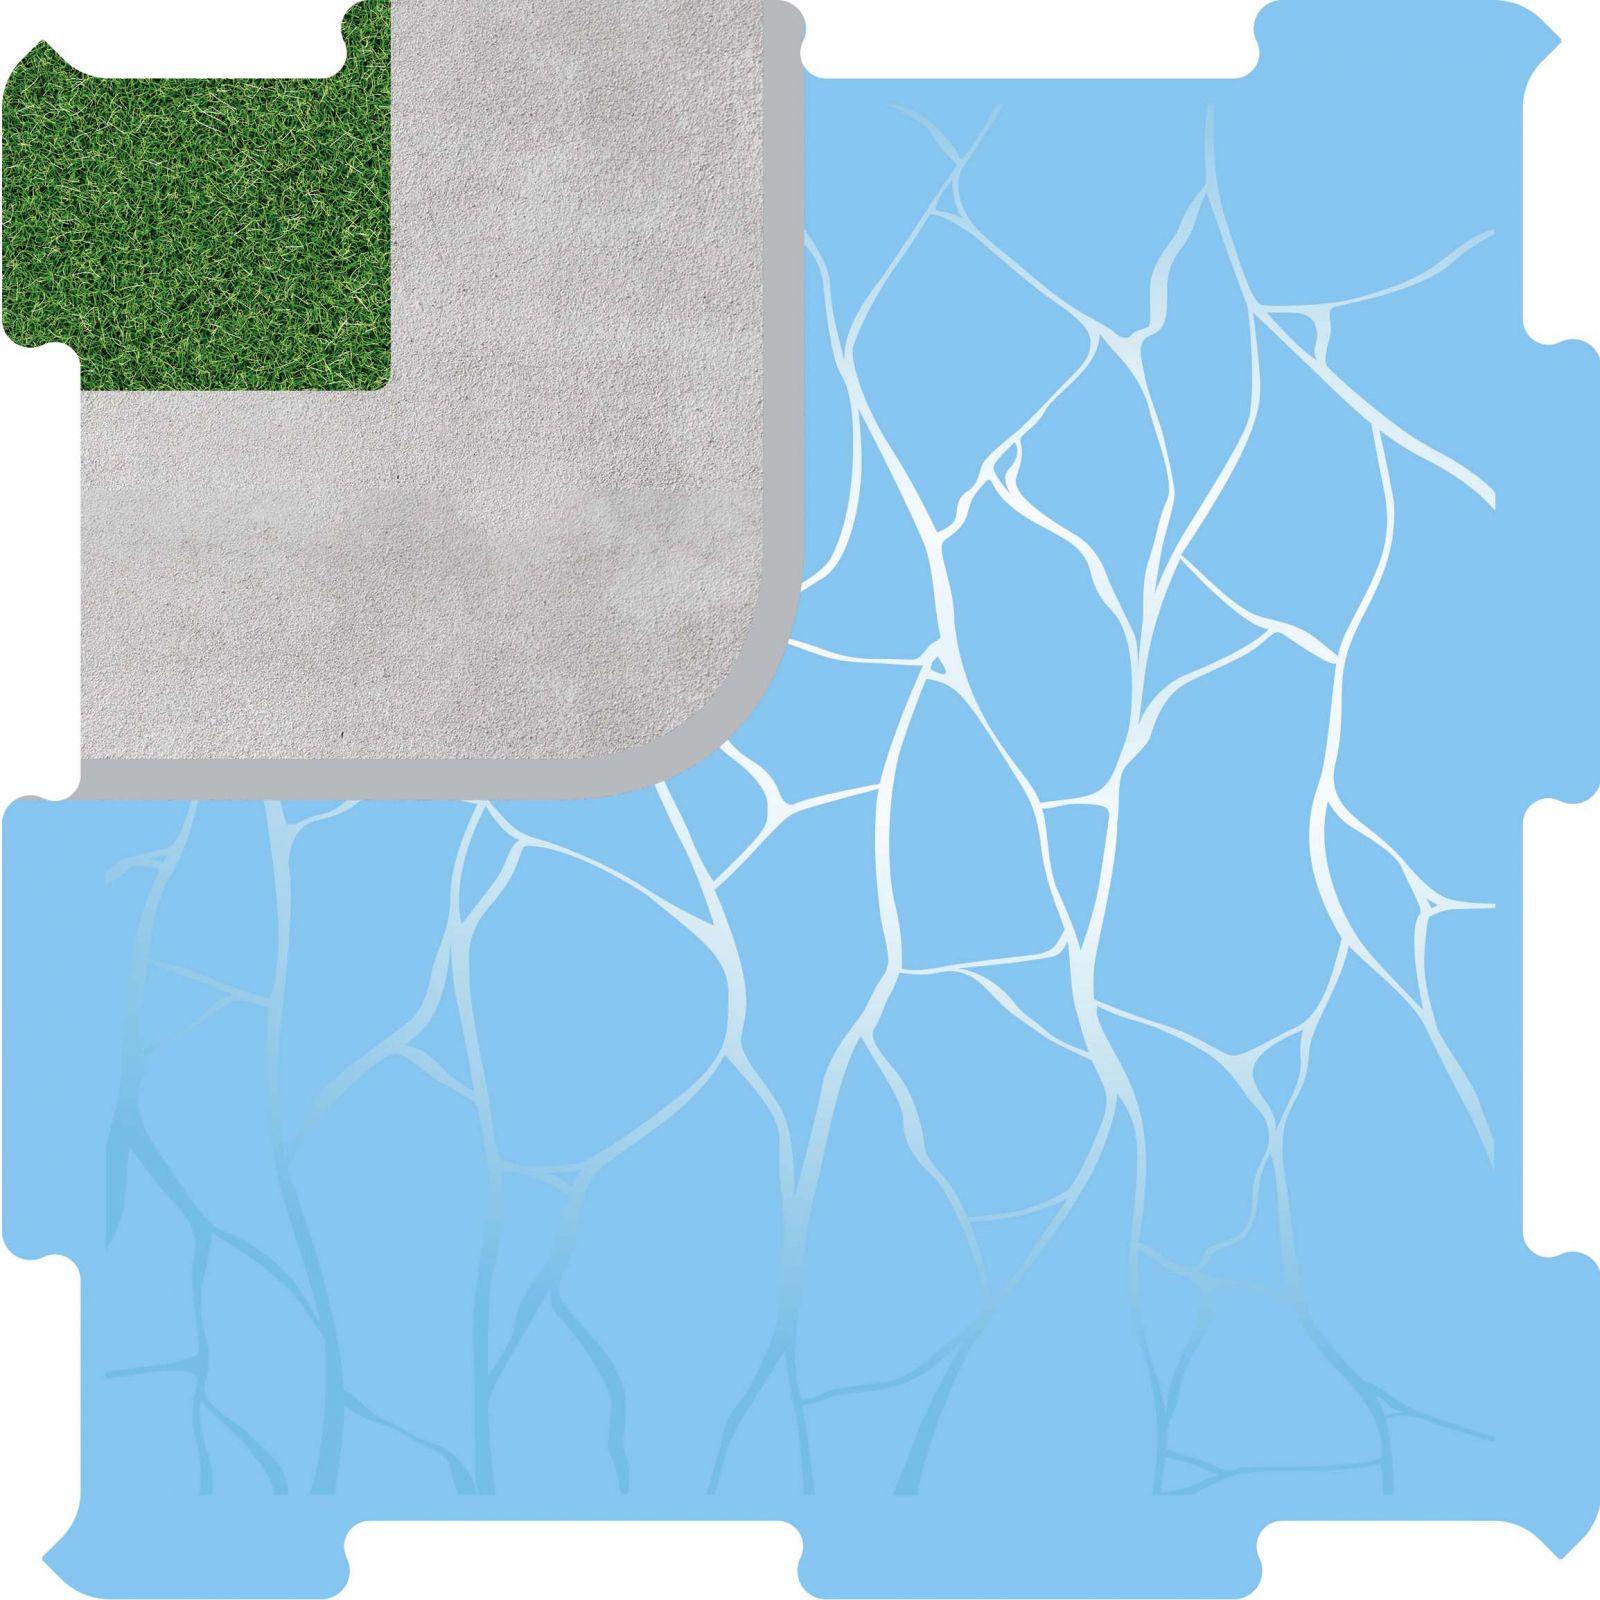 Podlahové puzzle přístav roh vnější